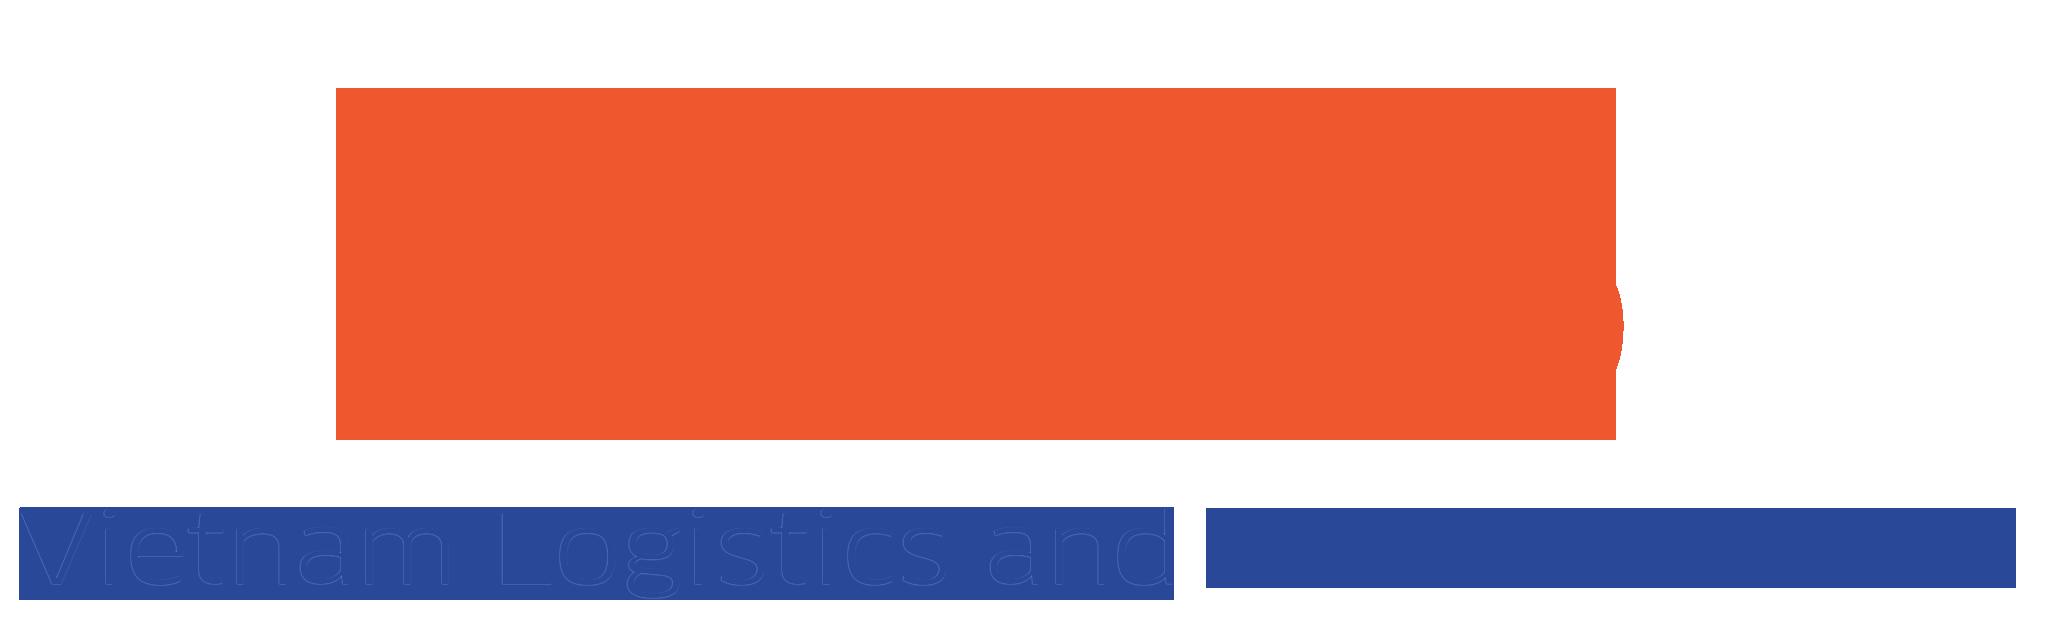 Trường Logistics và Hàng Không Việt Nam - VILAS